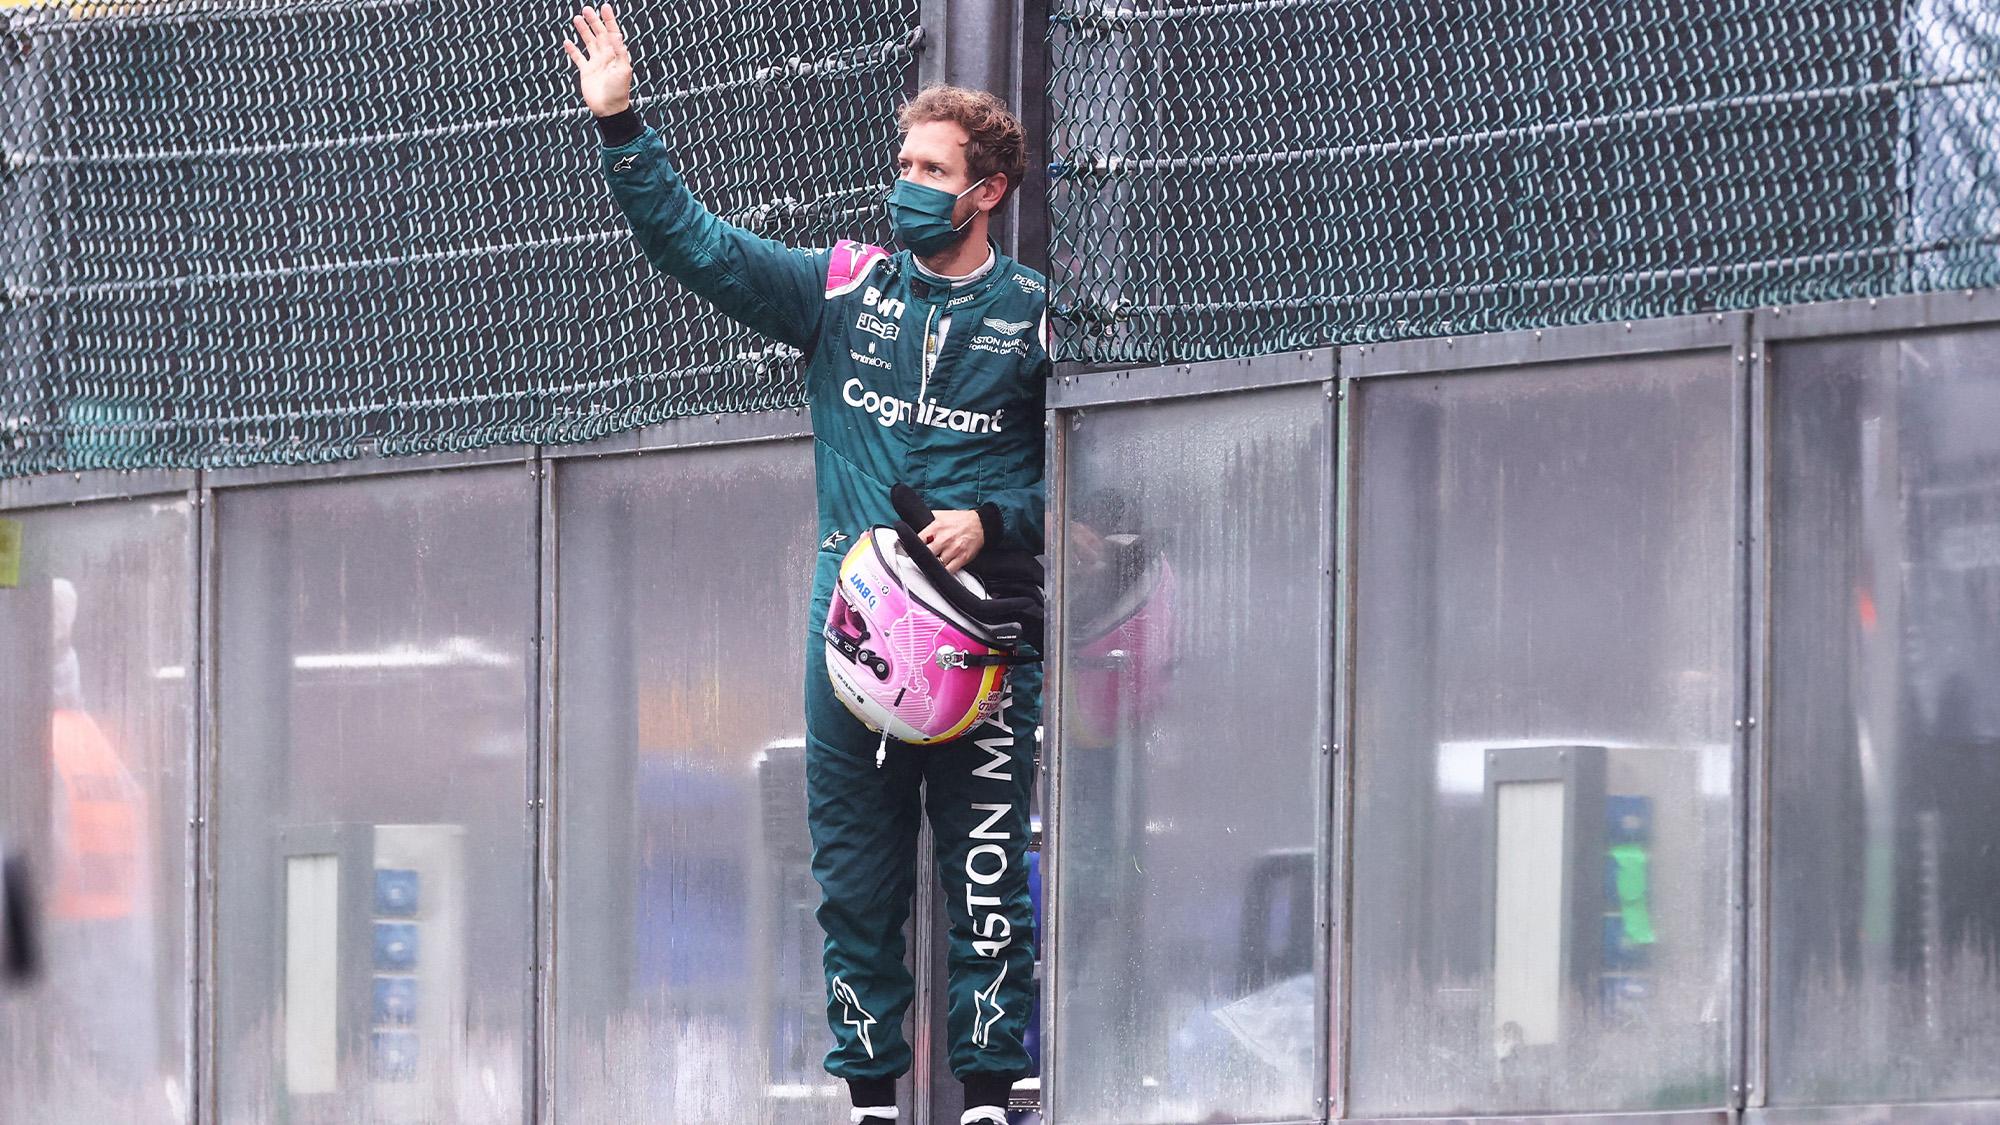 Sebastian-Vettel-waves-to-fans-at-the-2021-Belgian-Grand-Prix